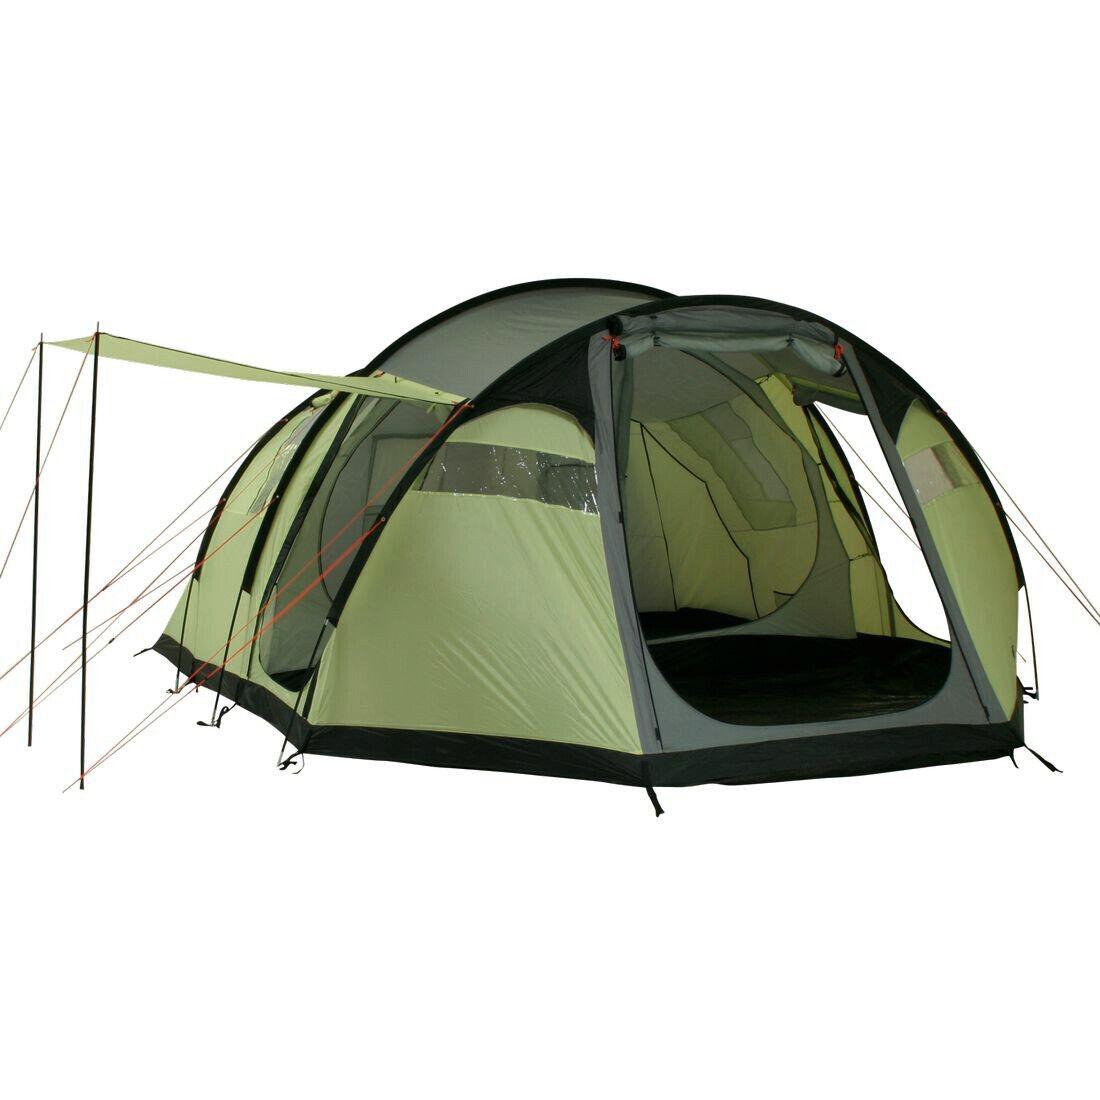 Wilton 6 persona tenda da campeggio tenda famiglia tenda impermeabile 5000mm